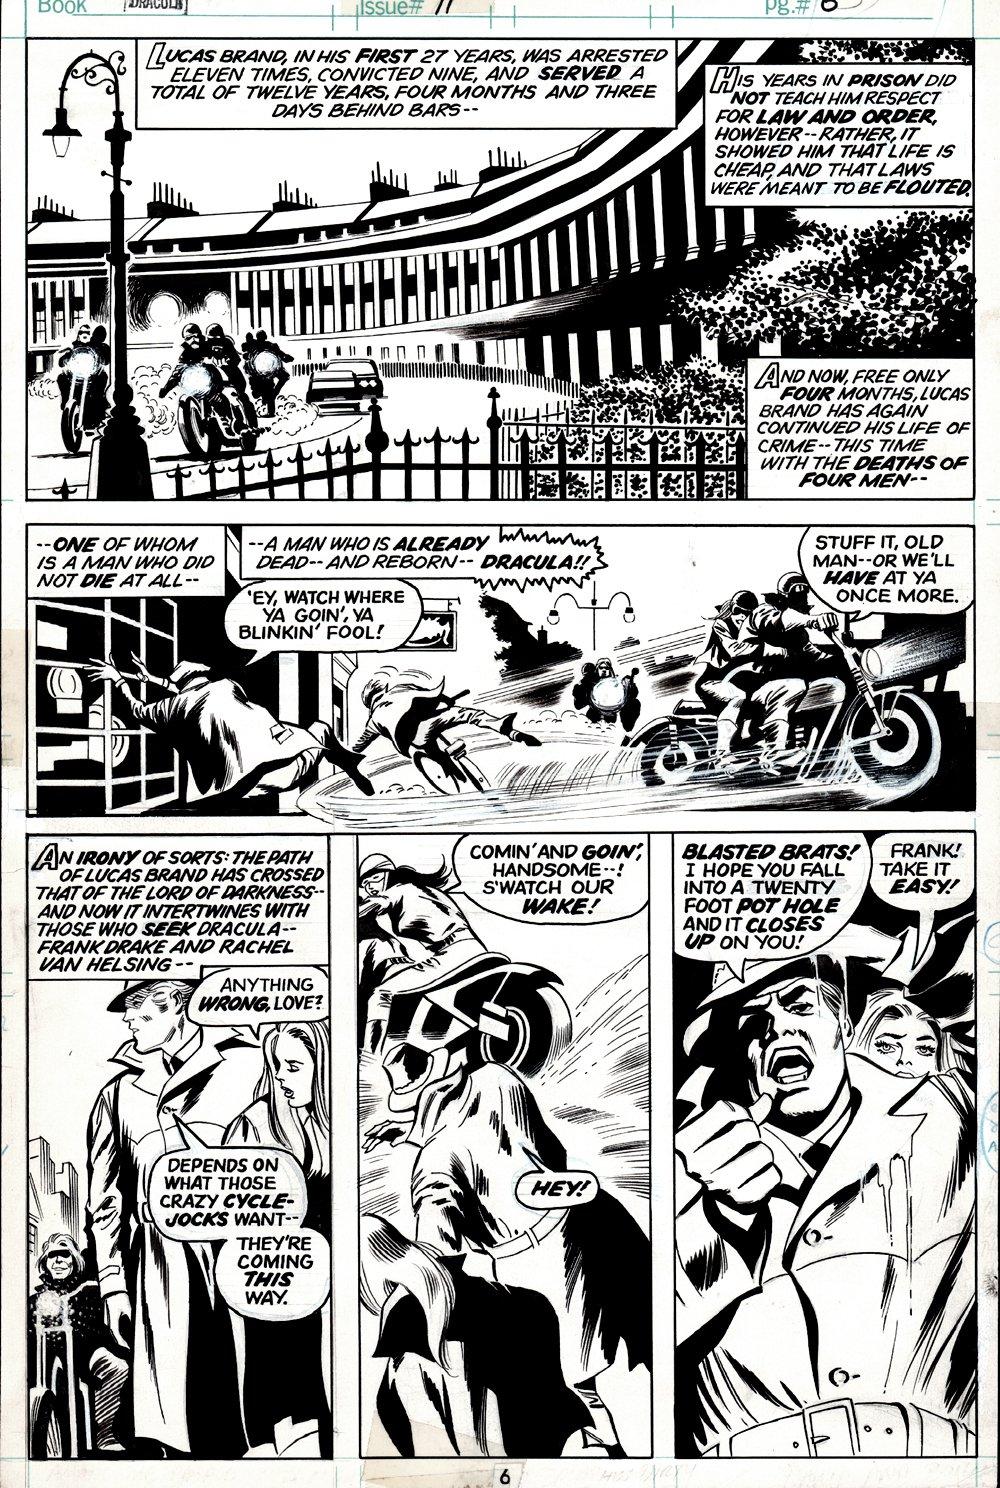 Tomb of Dracula #11 p 6 (Lucas Brand 'DIES', Frank Drake, Rachel Van Helsing!) 1973